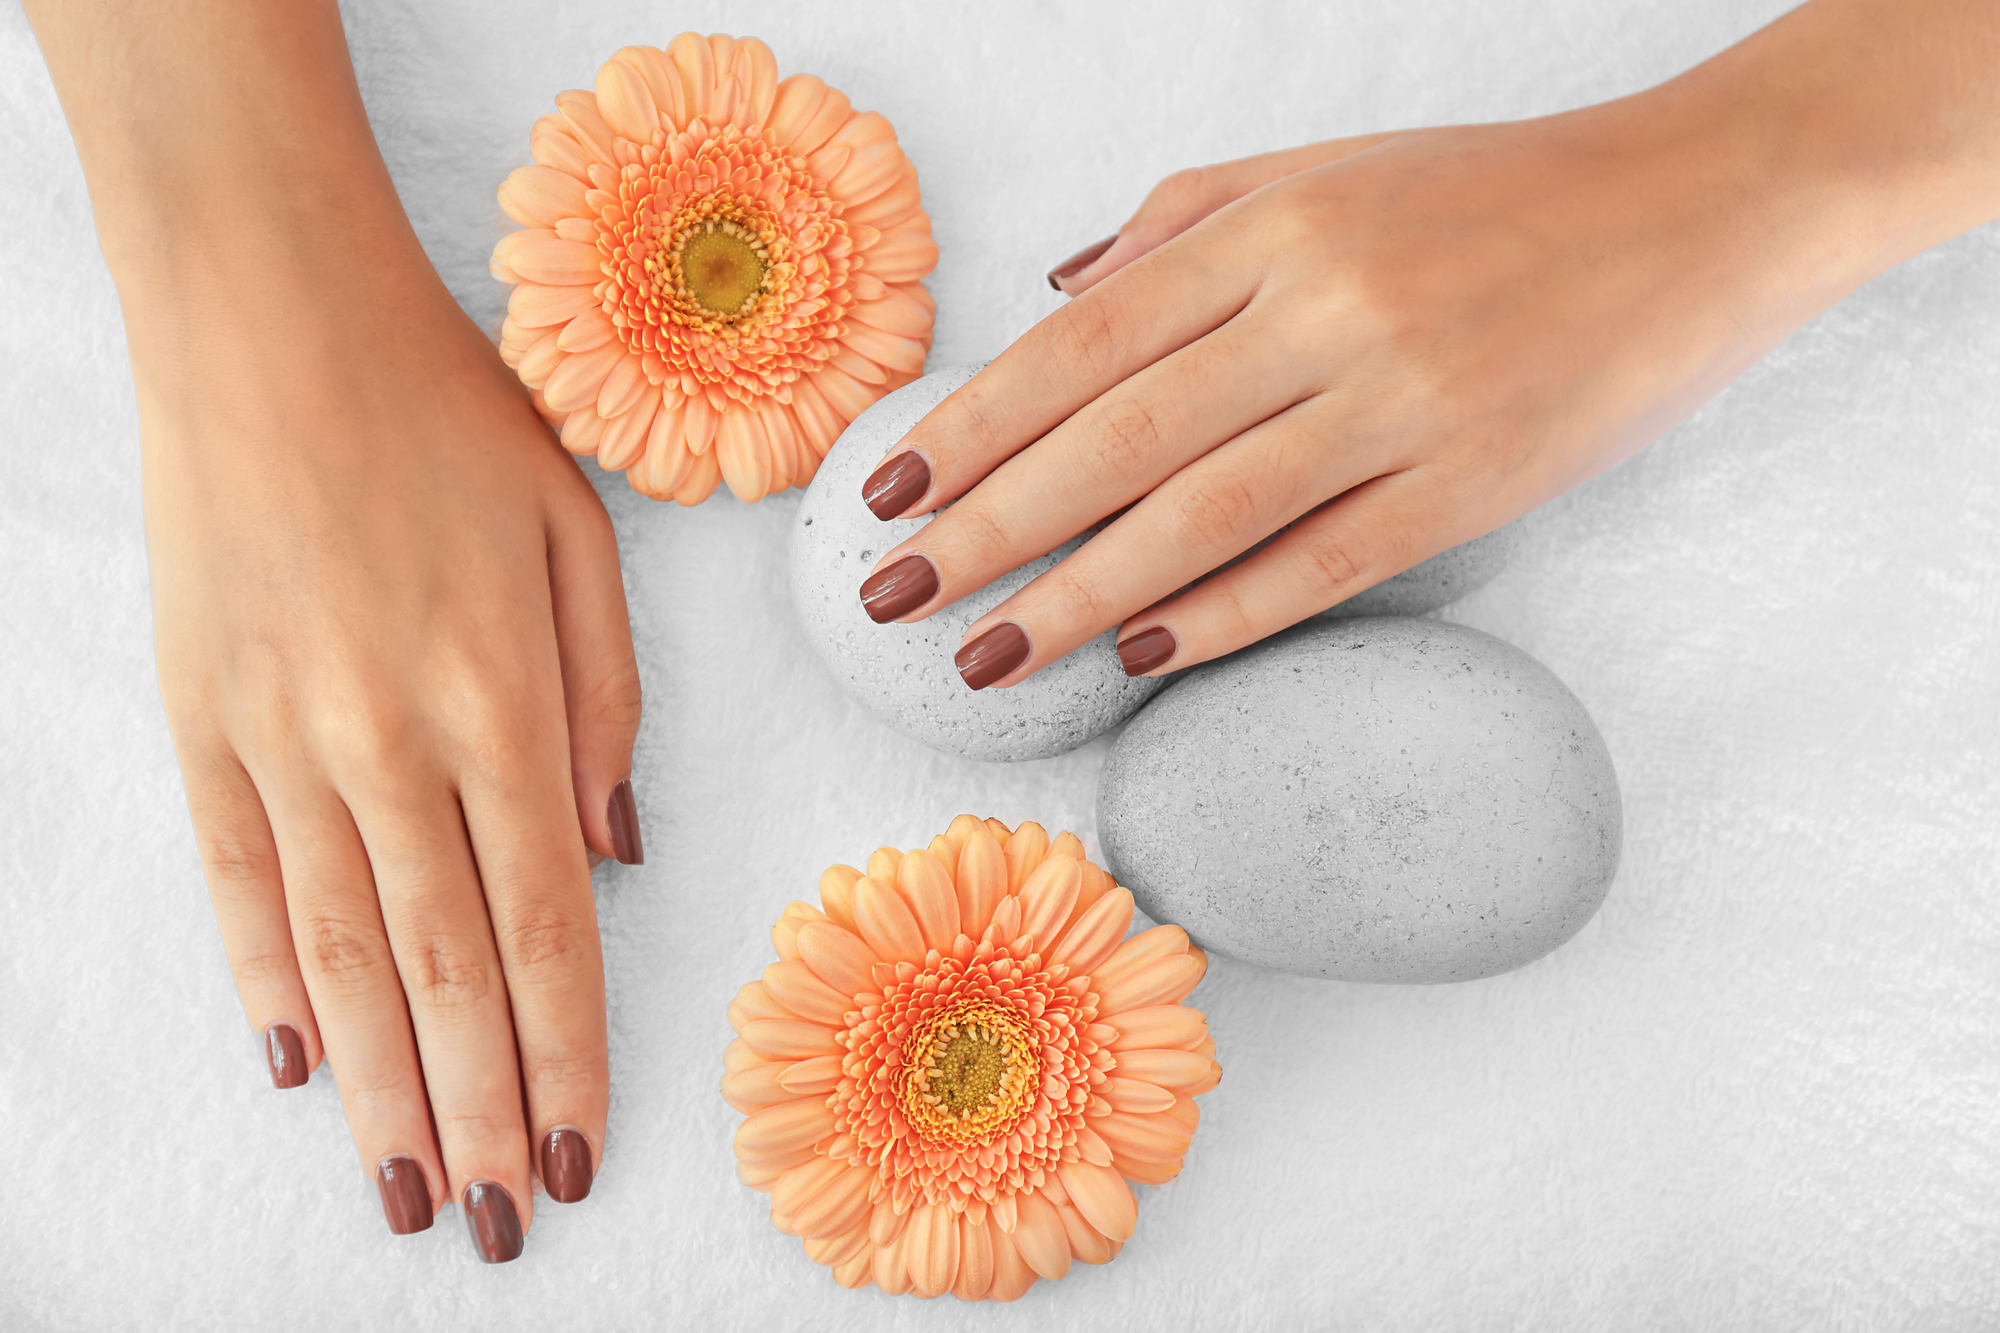 Как сделать ногти красивыми и ухоженными в домашних условиях фото